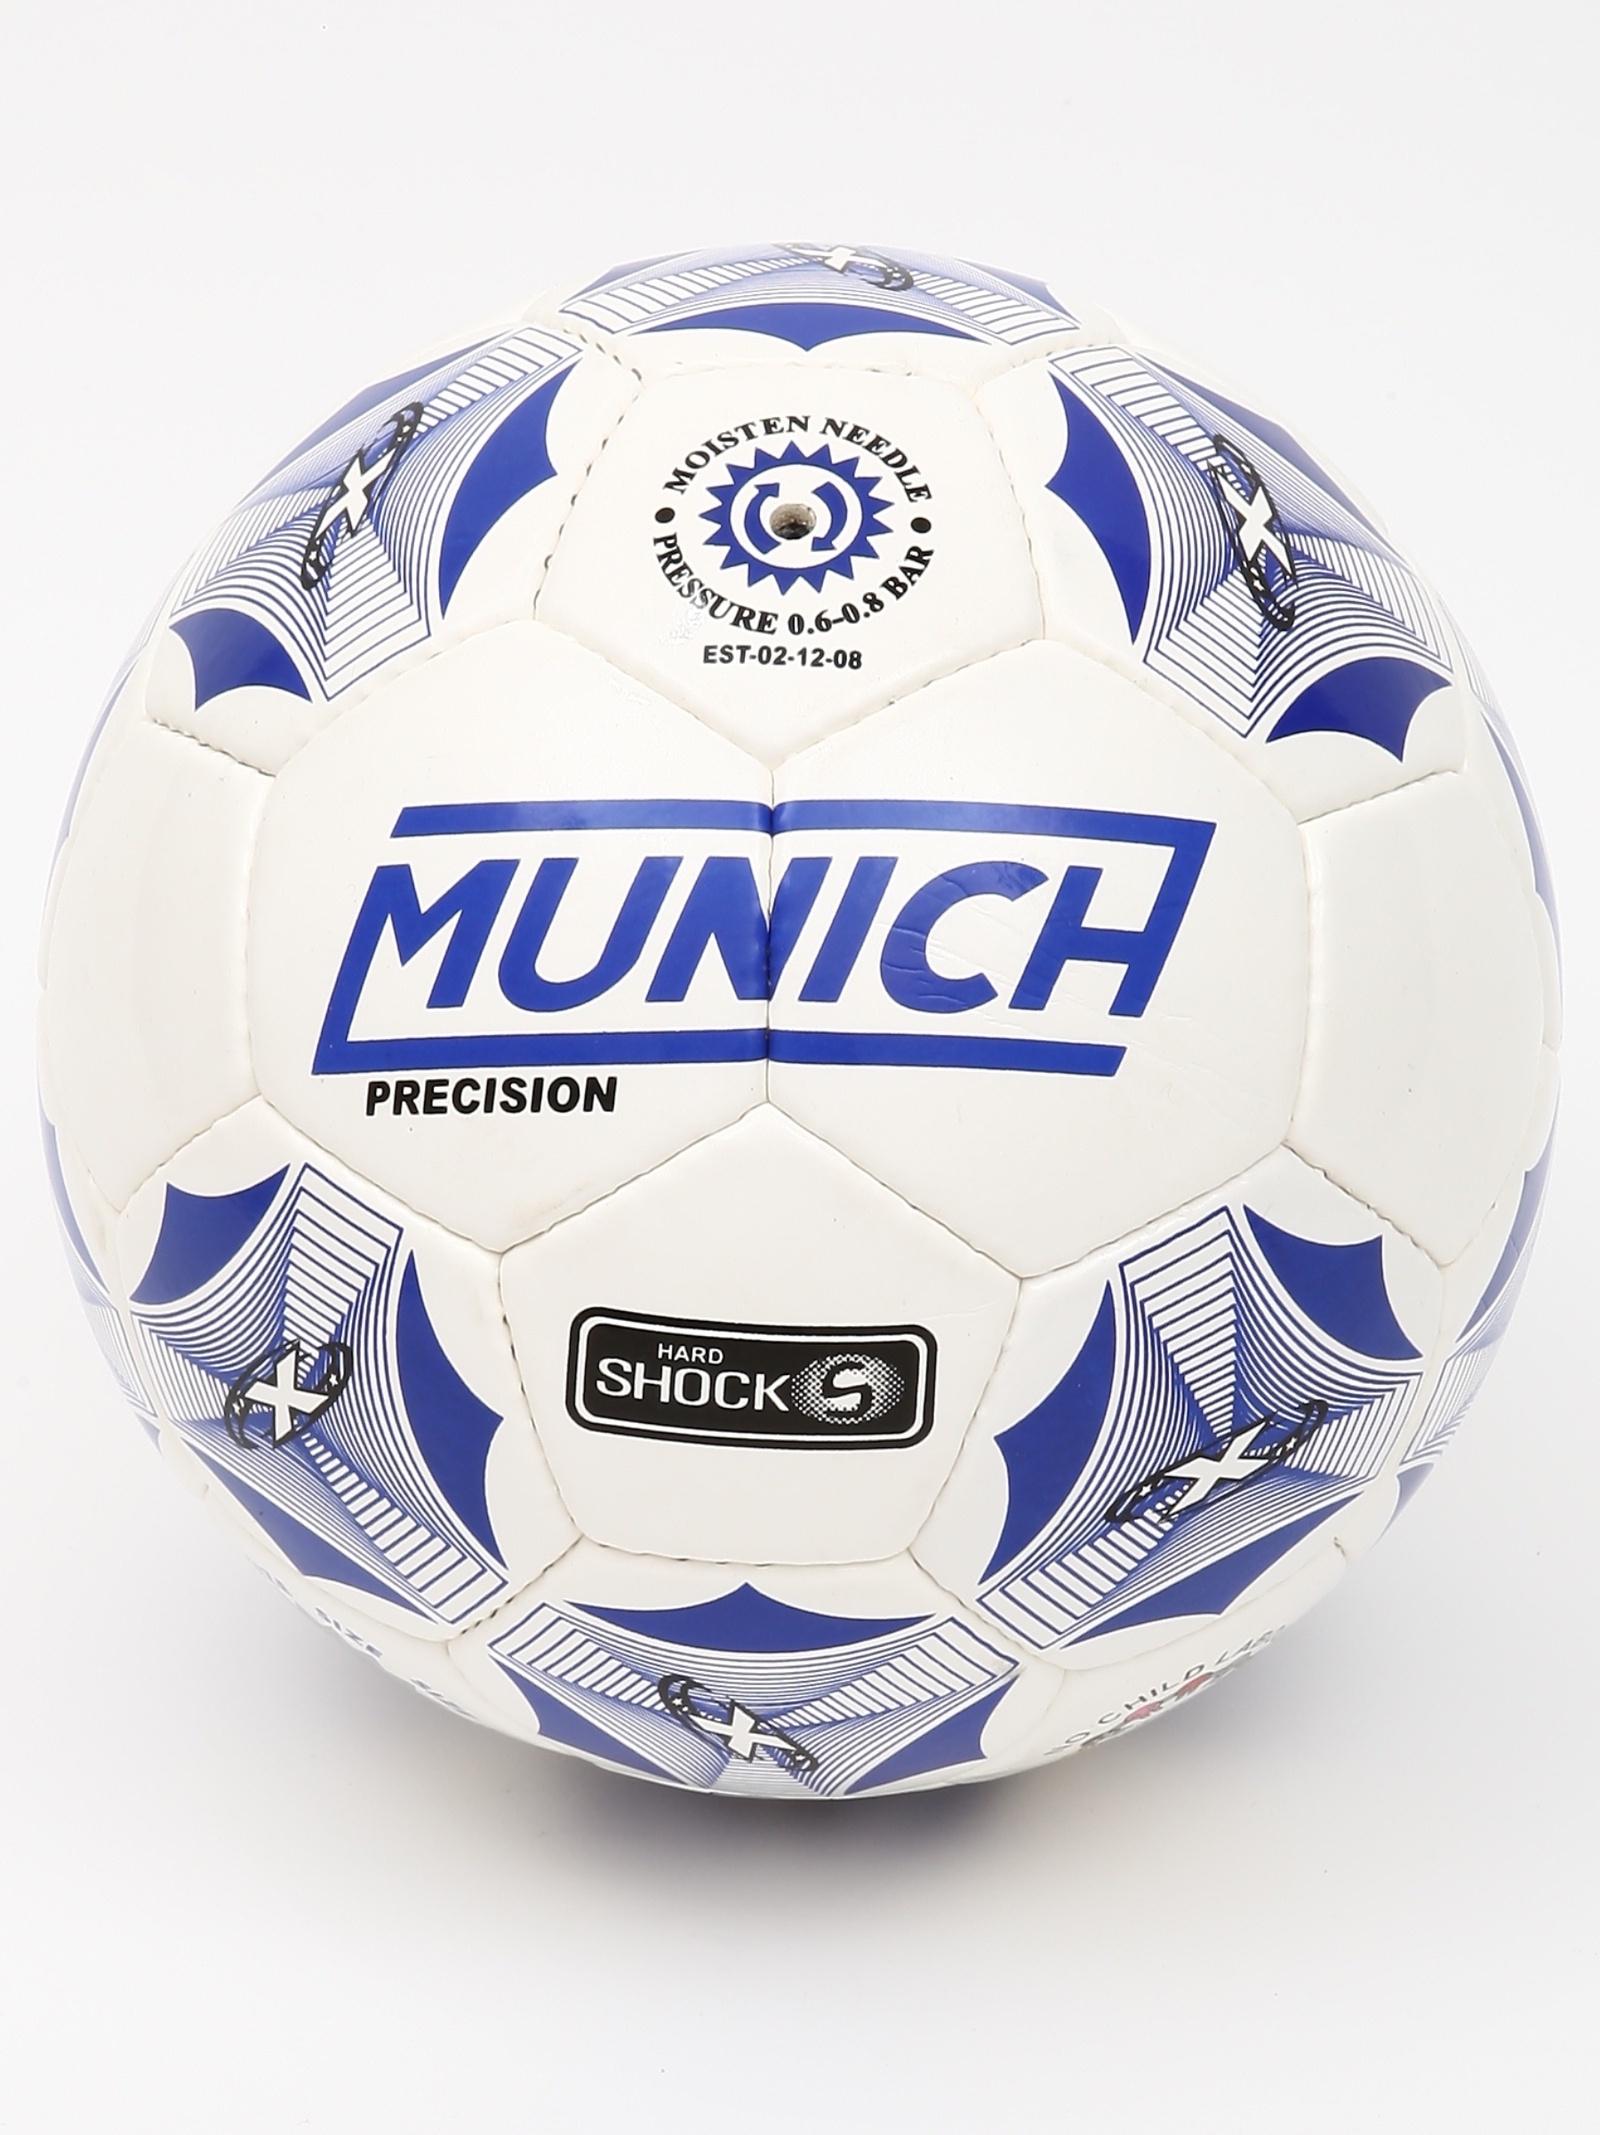 Мяч футбольный MUNICH Мяч футбольный PRECISION №5 WHITE, белый мяч футбольный torres vision resposta fifa quality pro размер 5